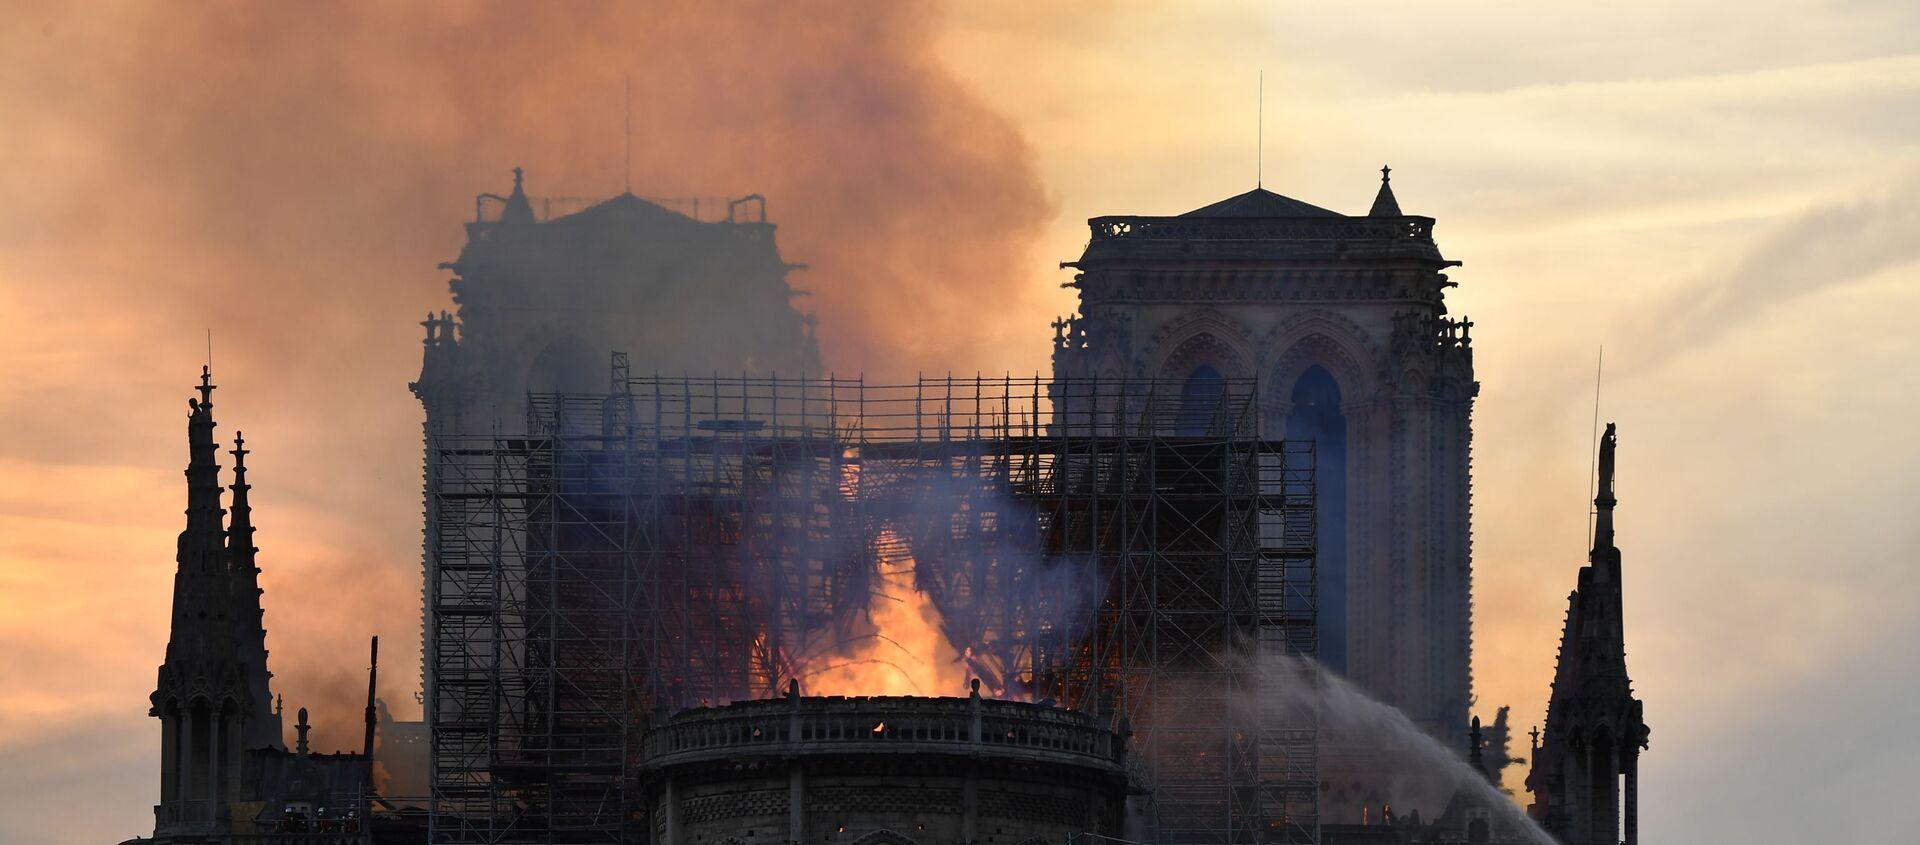 Пожар в соборе Парижской богоматери - Sputnik Азербайджан, 1920, 15.04.2019